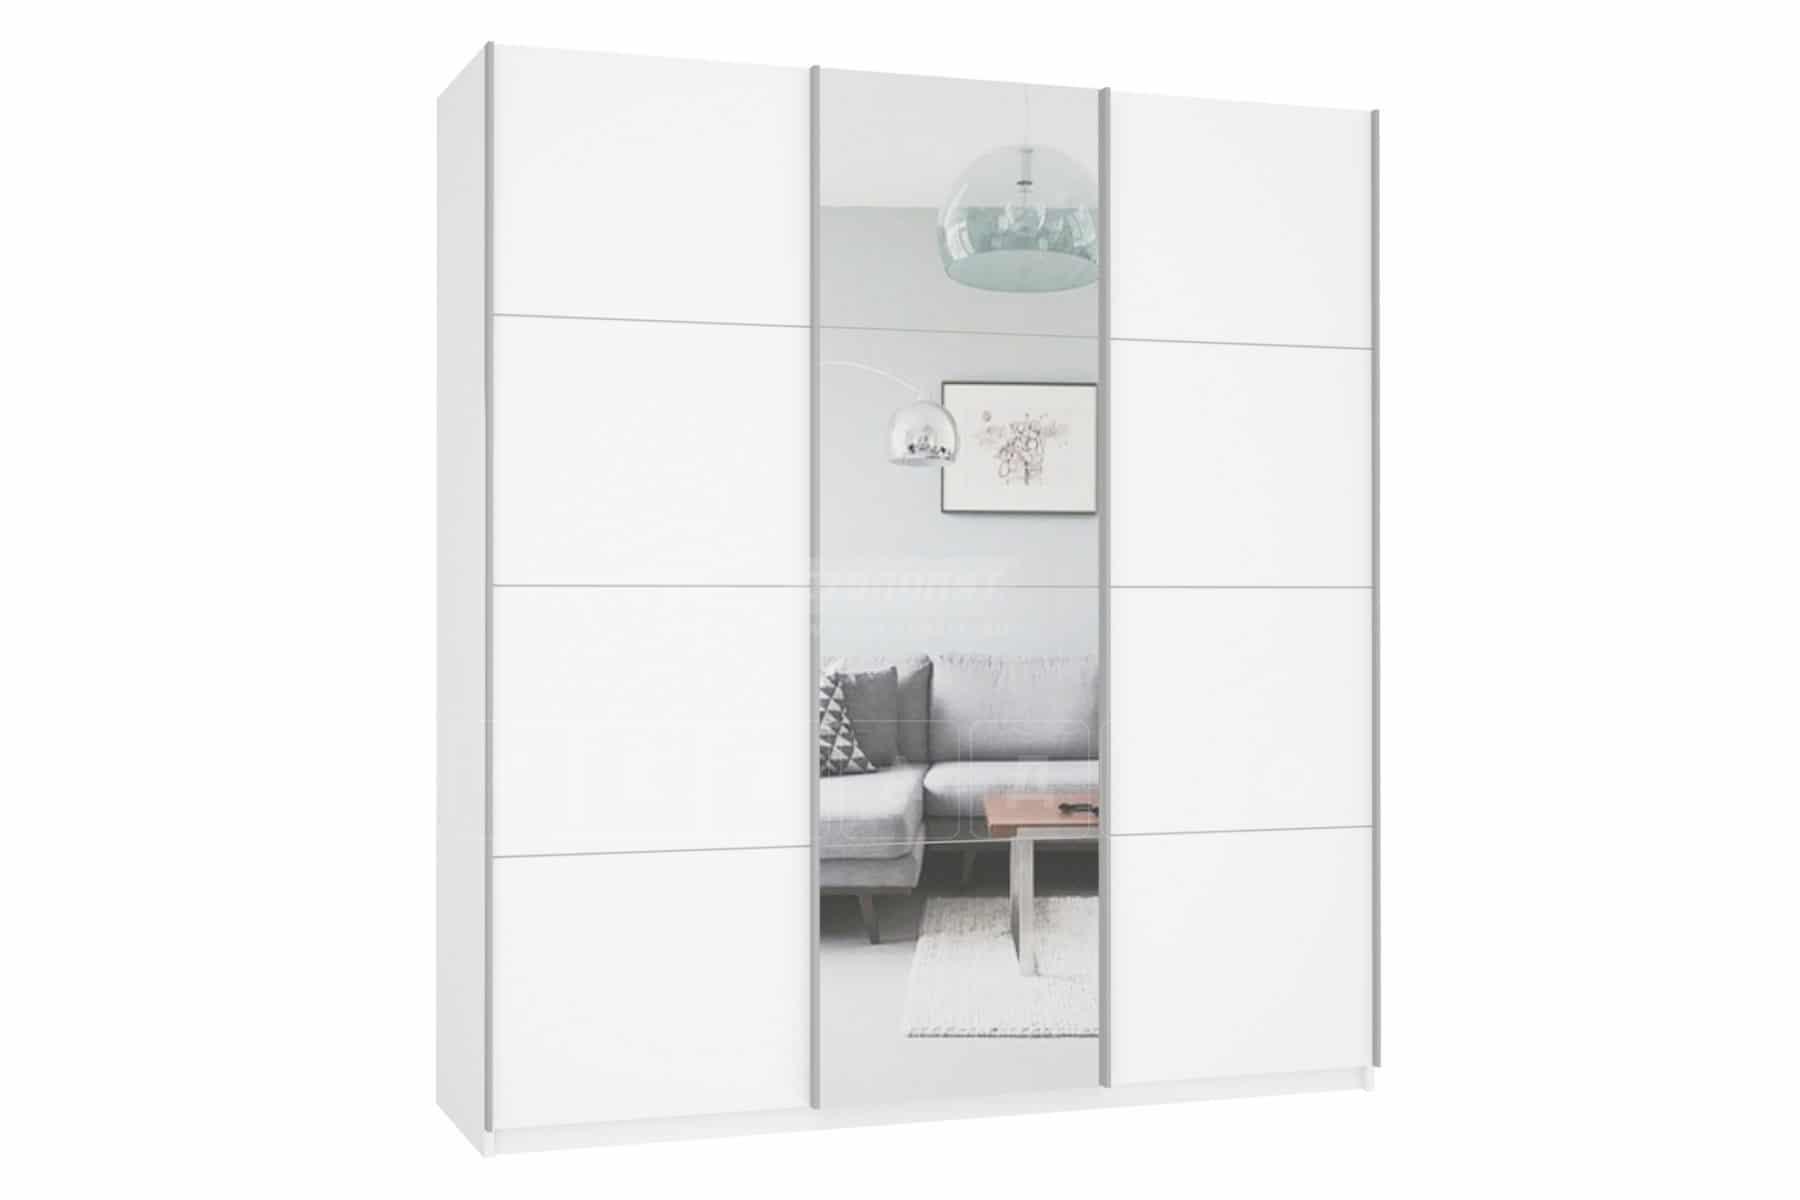 Шкаф-купе Прайм трехдверный ширина 180 см с одним зеркалом фото 1 | интернет-магазин Складно